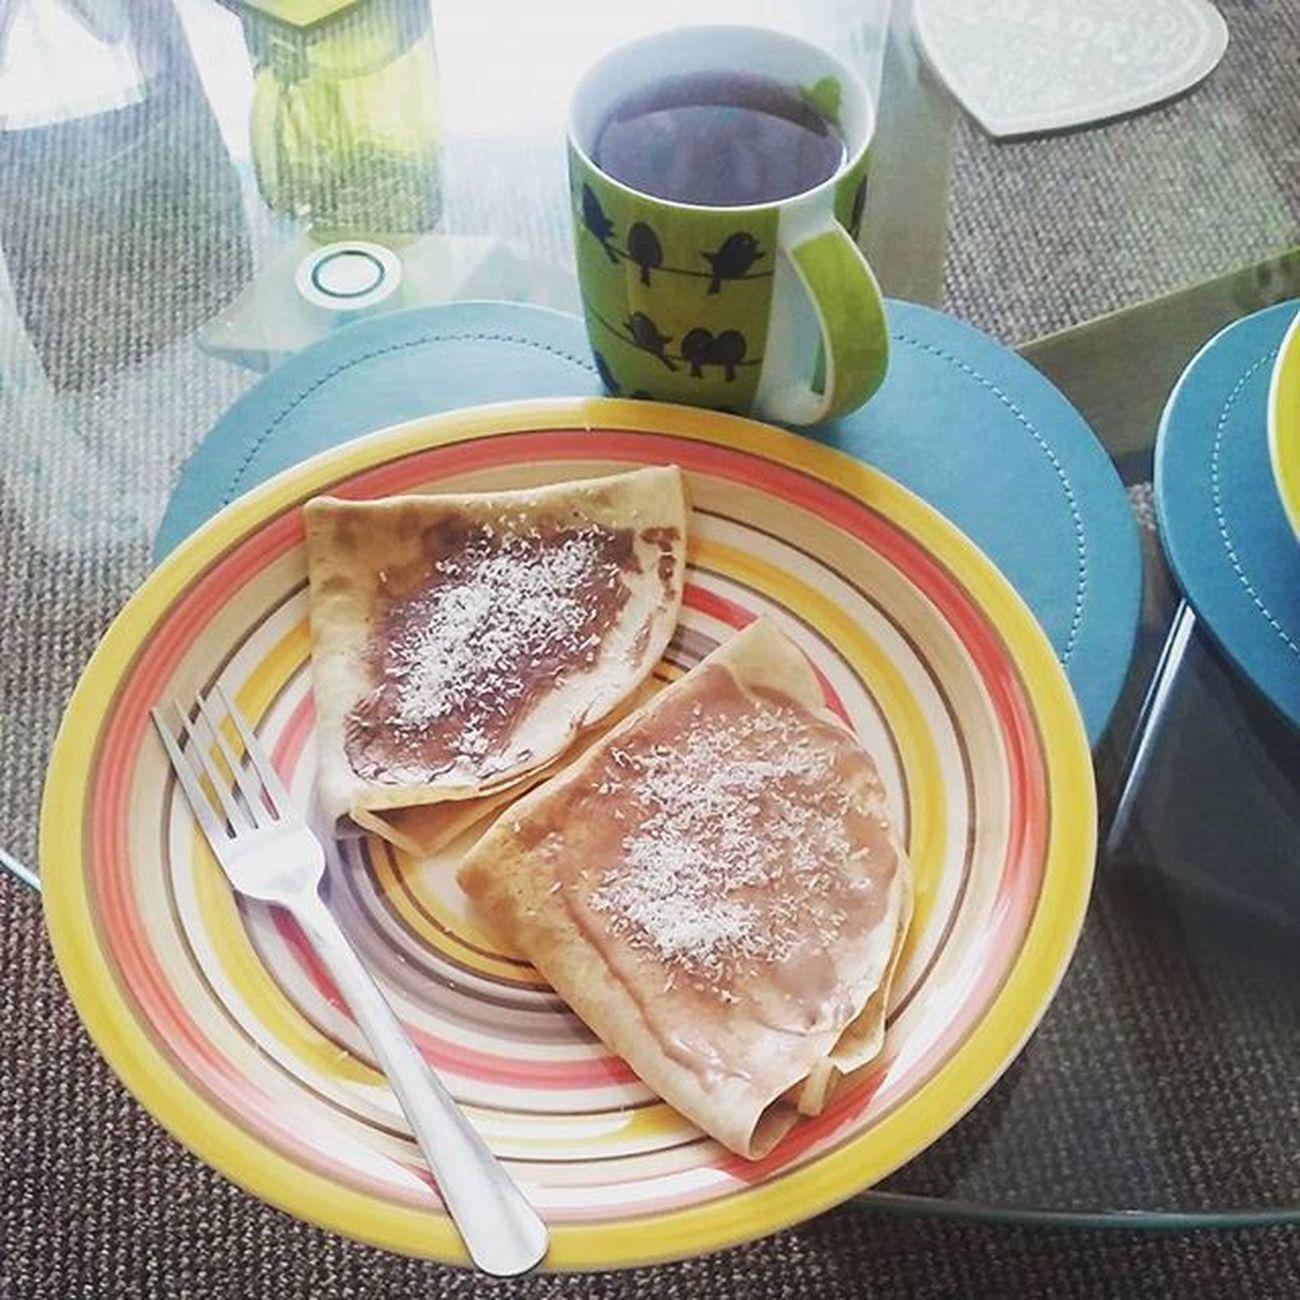 Smacznego😀 śniadanie Breakfast Niedziela Sunday Nalesniki Pancakes Yummy Delicious Happy Day Free Time Kokos Coconut Nutella Serek Waniliowy Banany Polishgirl Food Instafood Cook  Chocolate Likeforlike L4l f4f